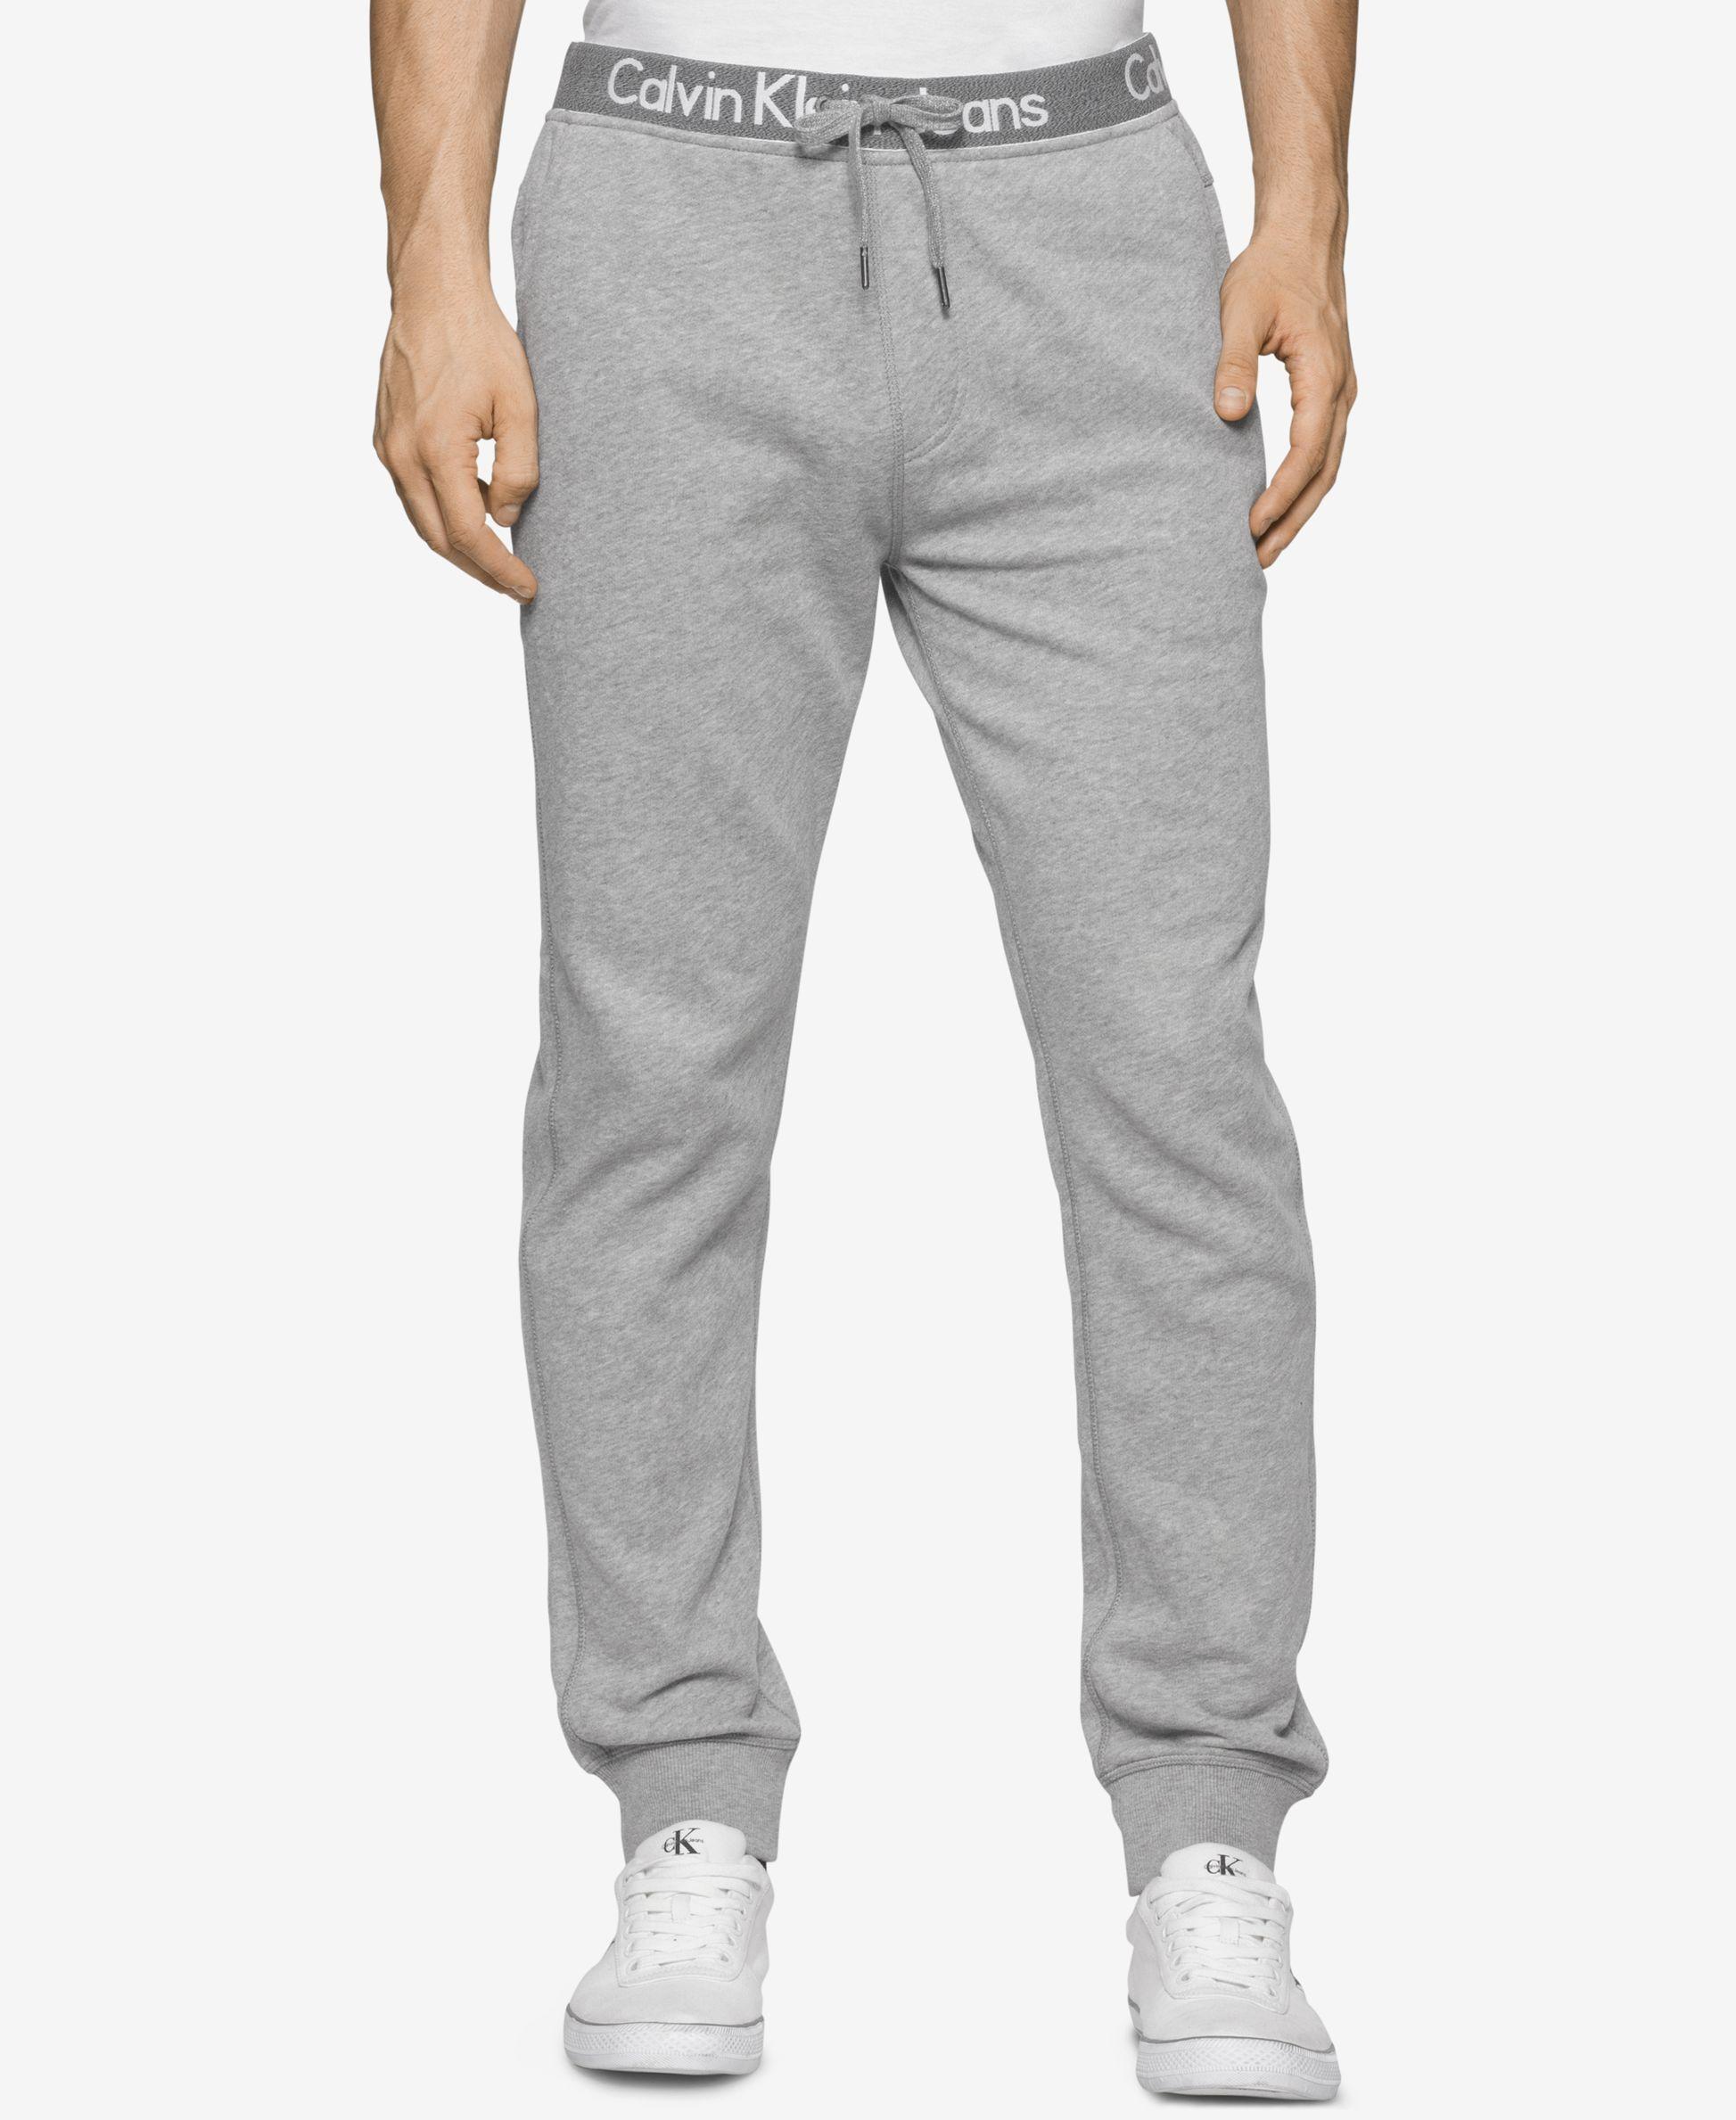 c30ed9510f Calvin Klein Men s Logo Waistband Sweatpants